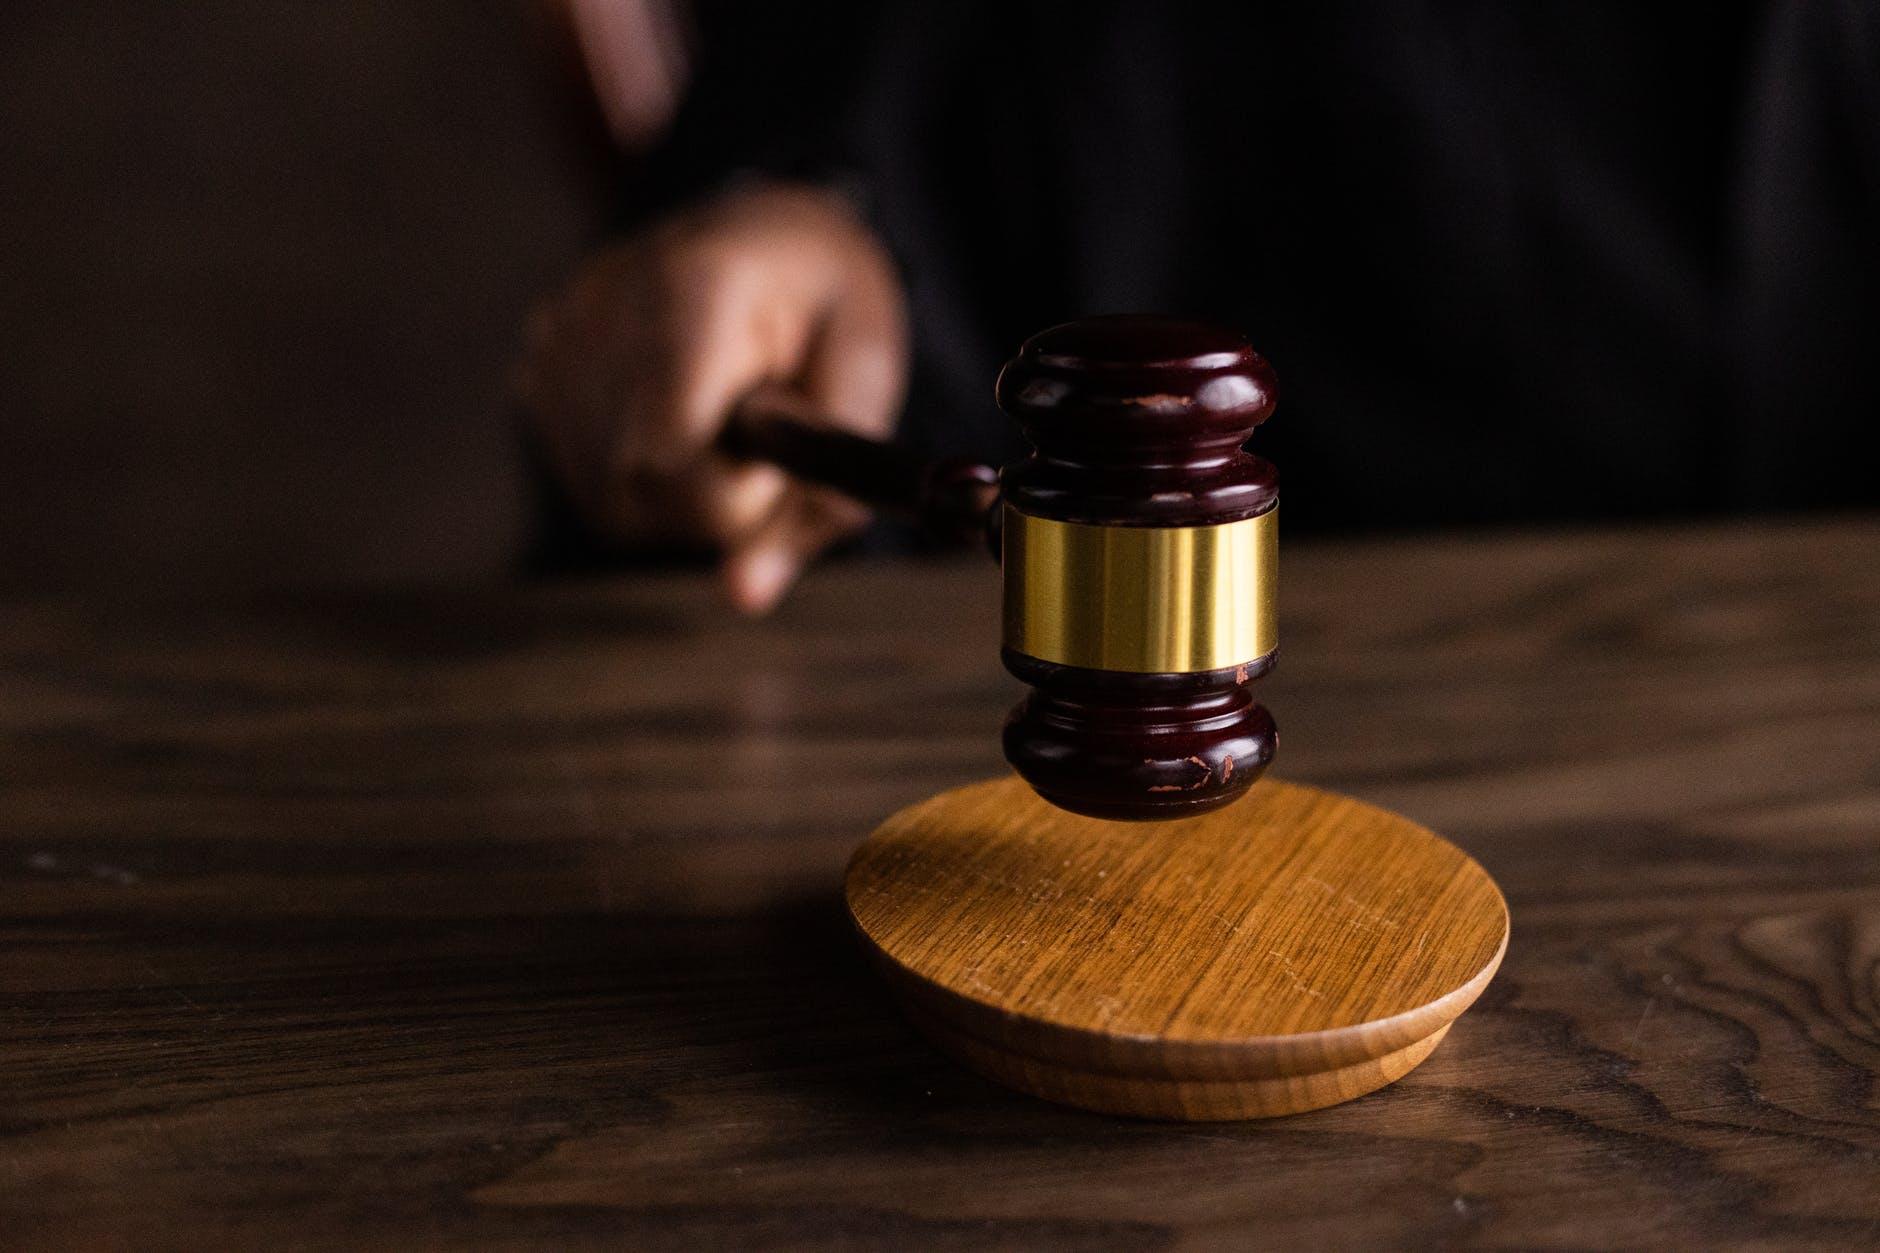 Εκδίκαση αγωγής συμβασιούχων κατά δήμου Αγίου Νικολάου